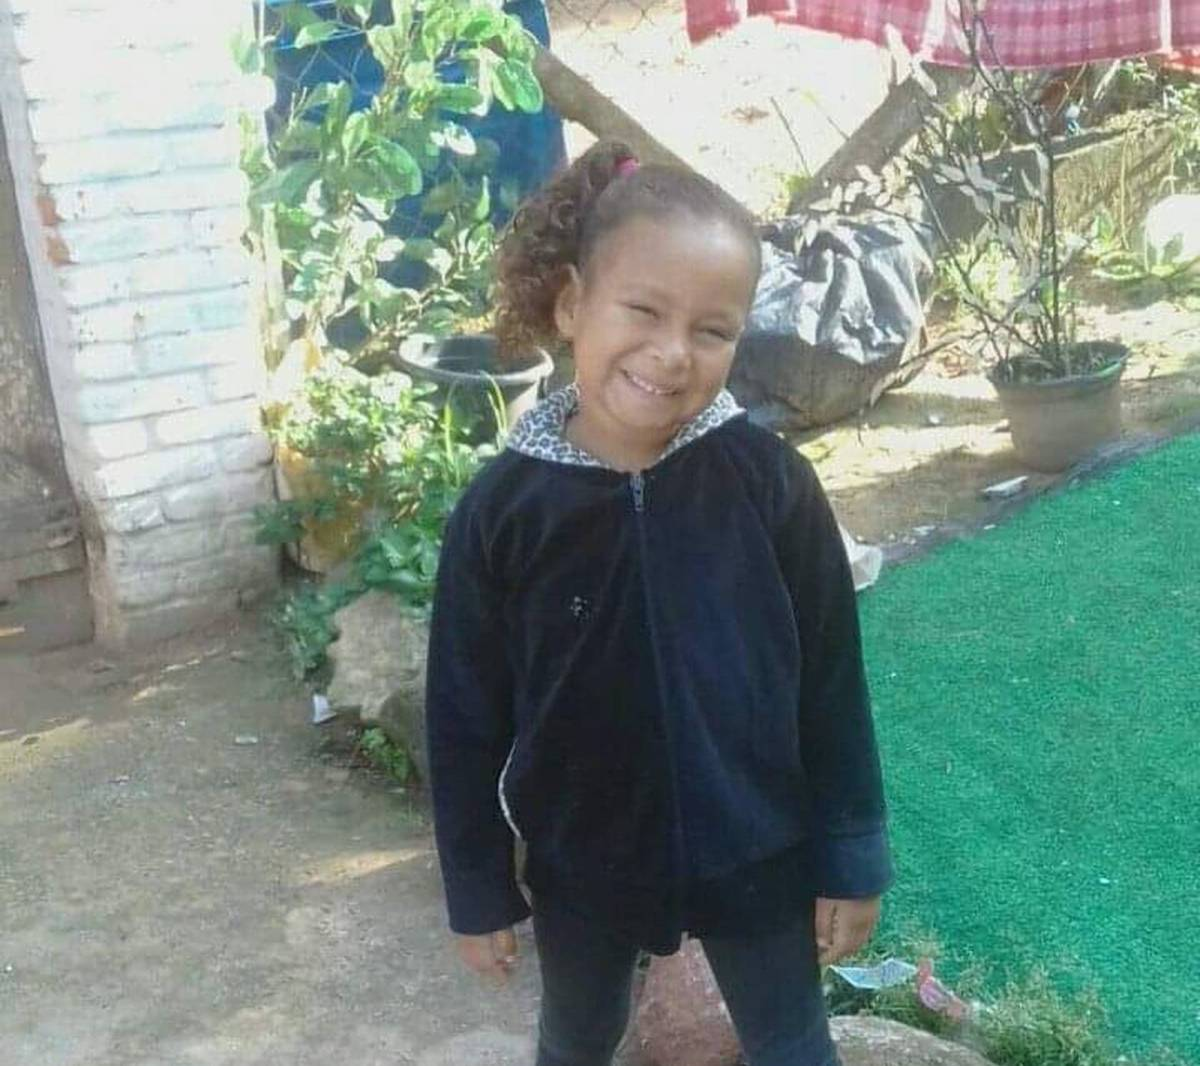 Homem confessa que assassinou menina de 6 anos em vala por vingança